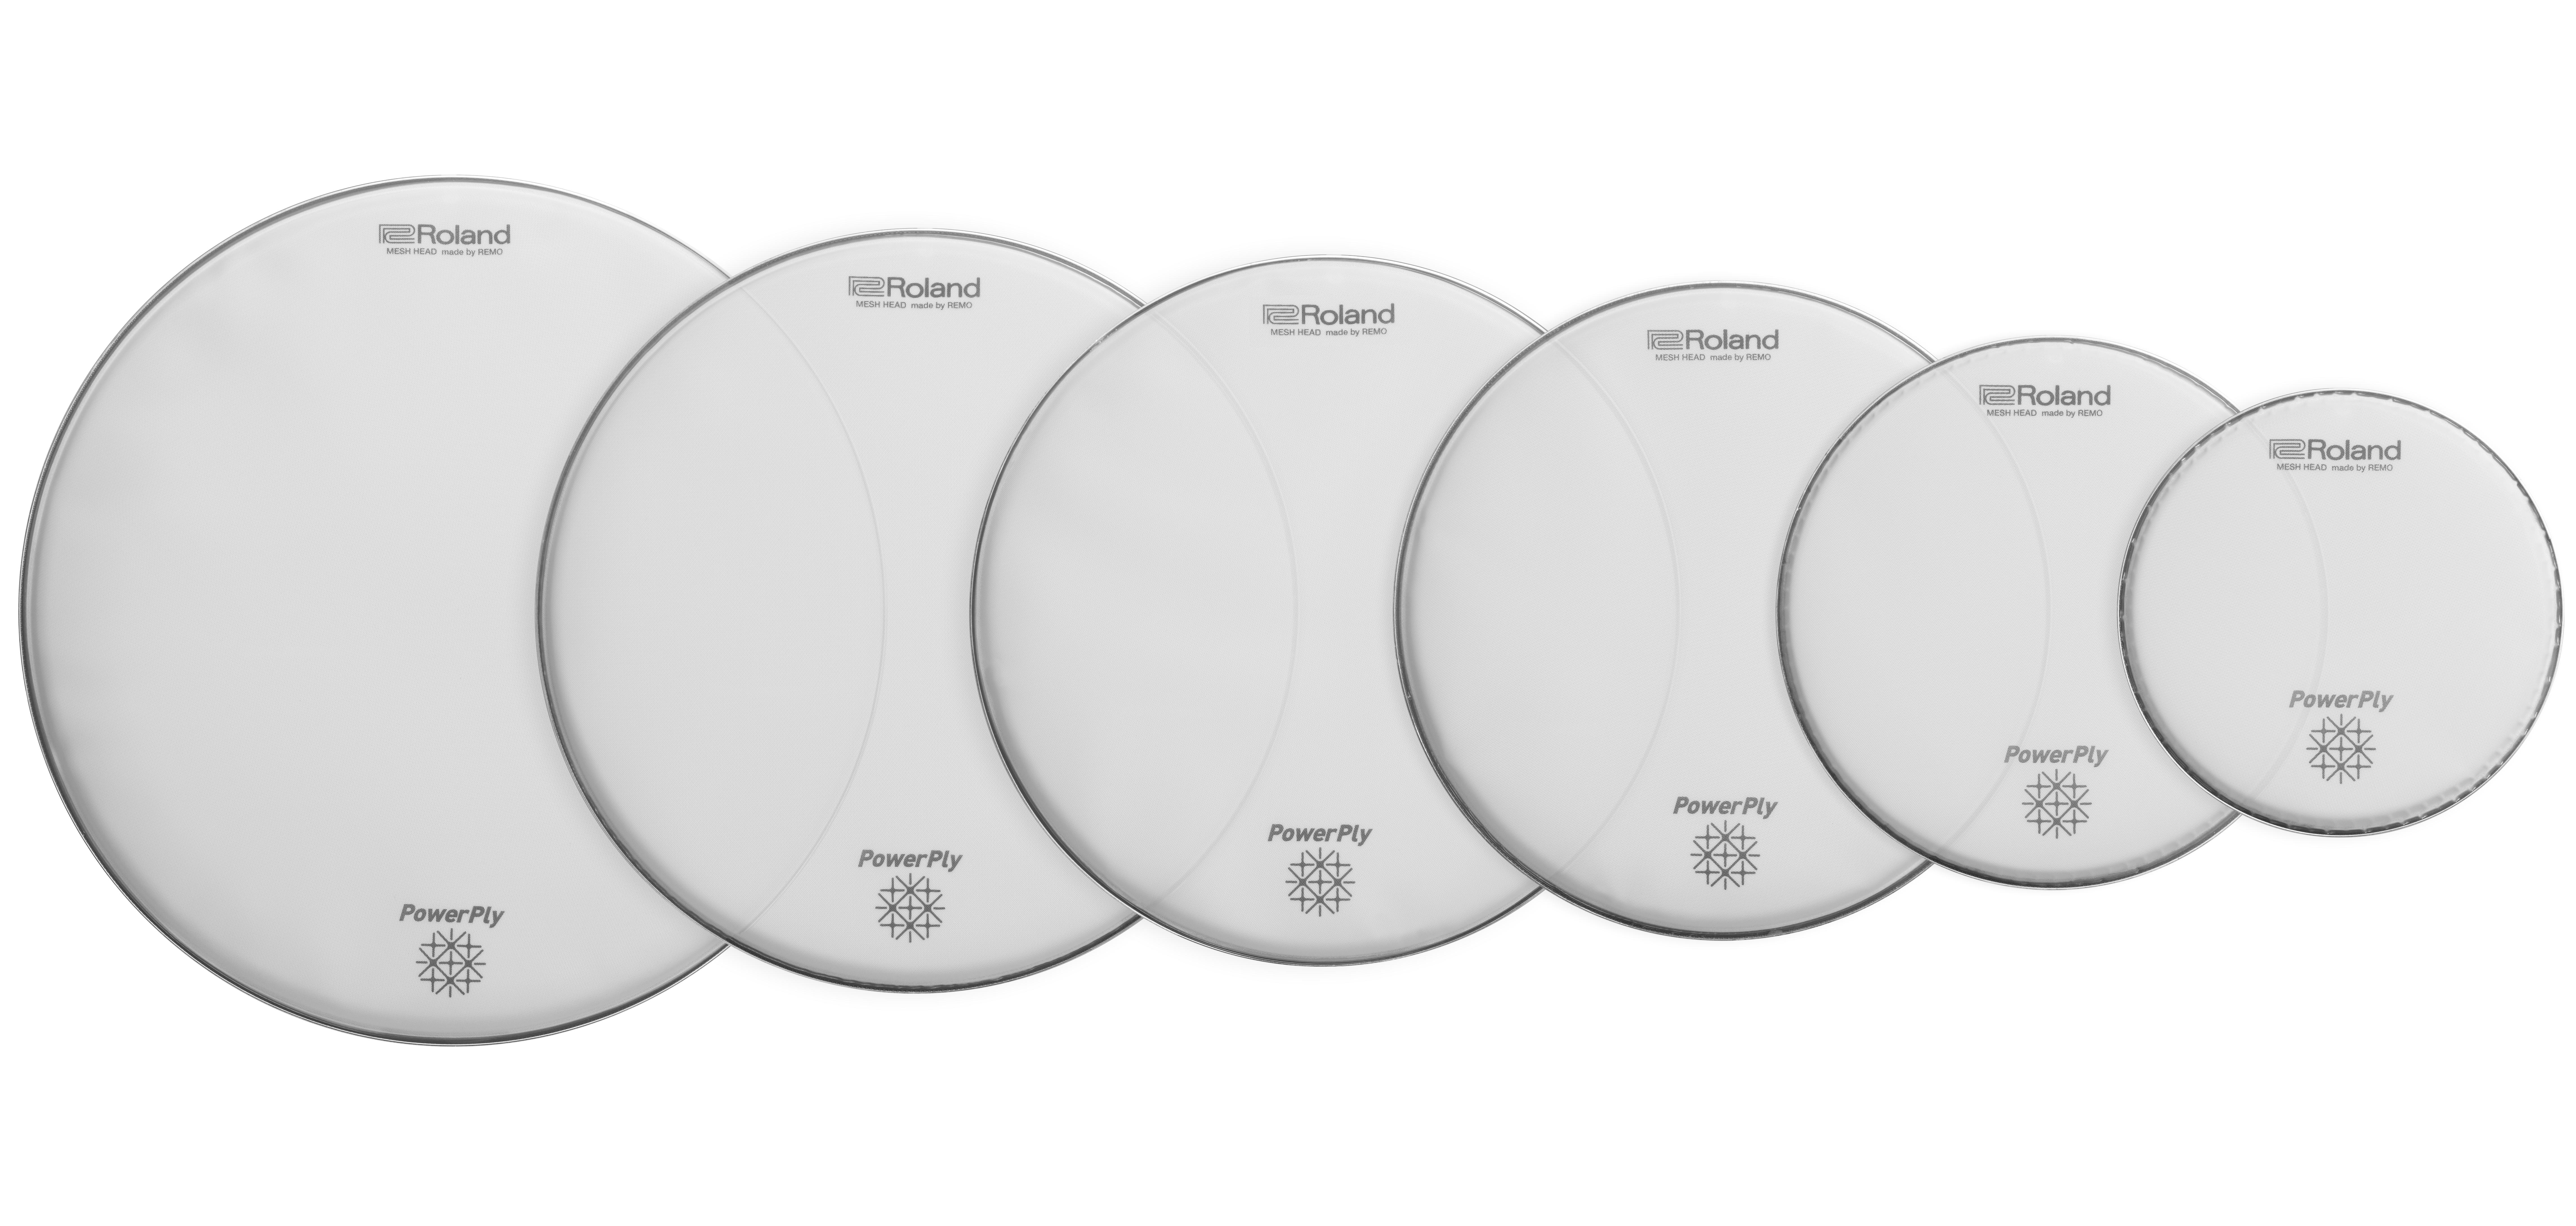 Batteries & Percussions - PEAUX - BATTERIE - ROLAND - MH2-16 - Royez Musik